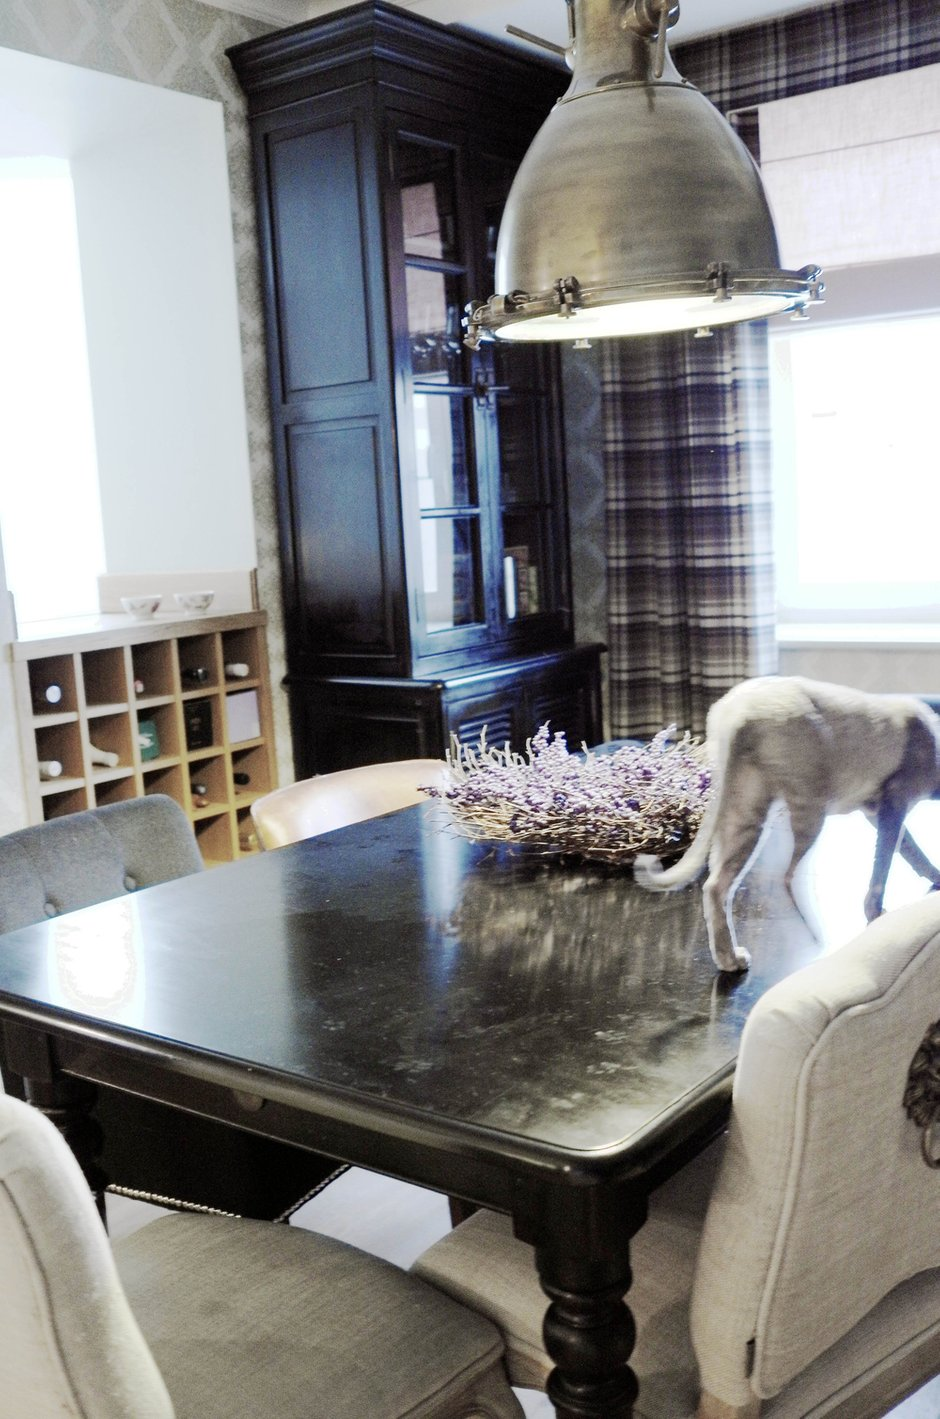 Фотография: Кухня и столовая в стиле Современный, Квартира, Eichholtz, Spiridon, Дома и квартиры, Проект недели – фото на INMYROOM